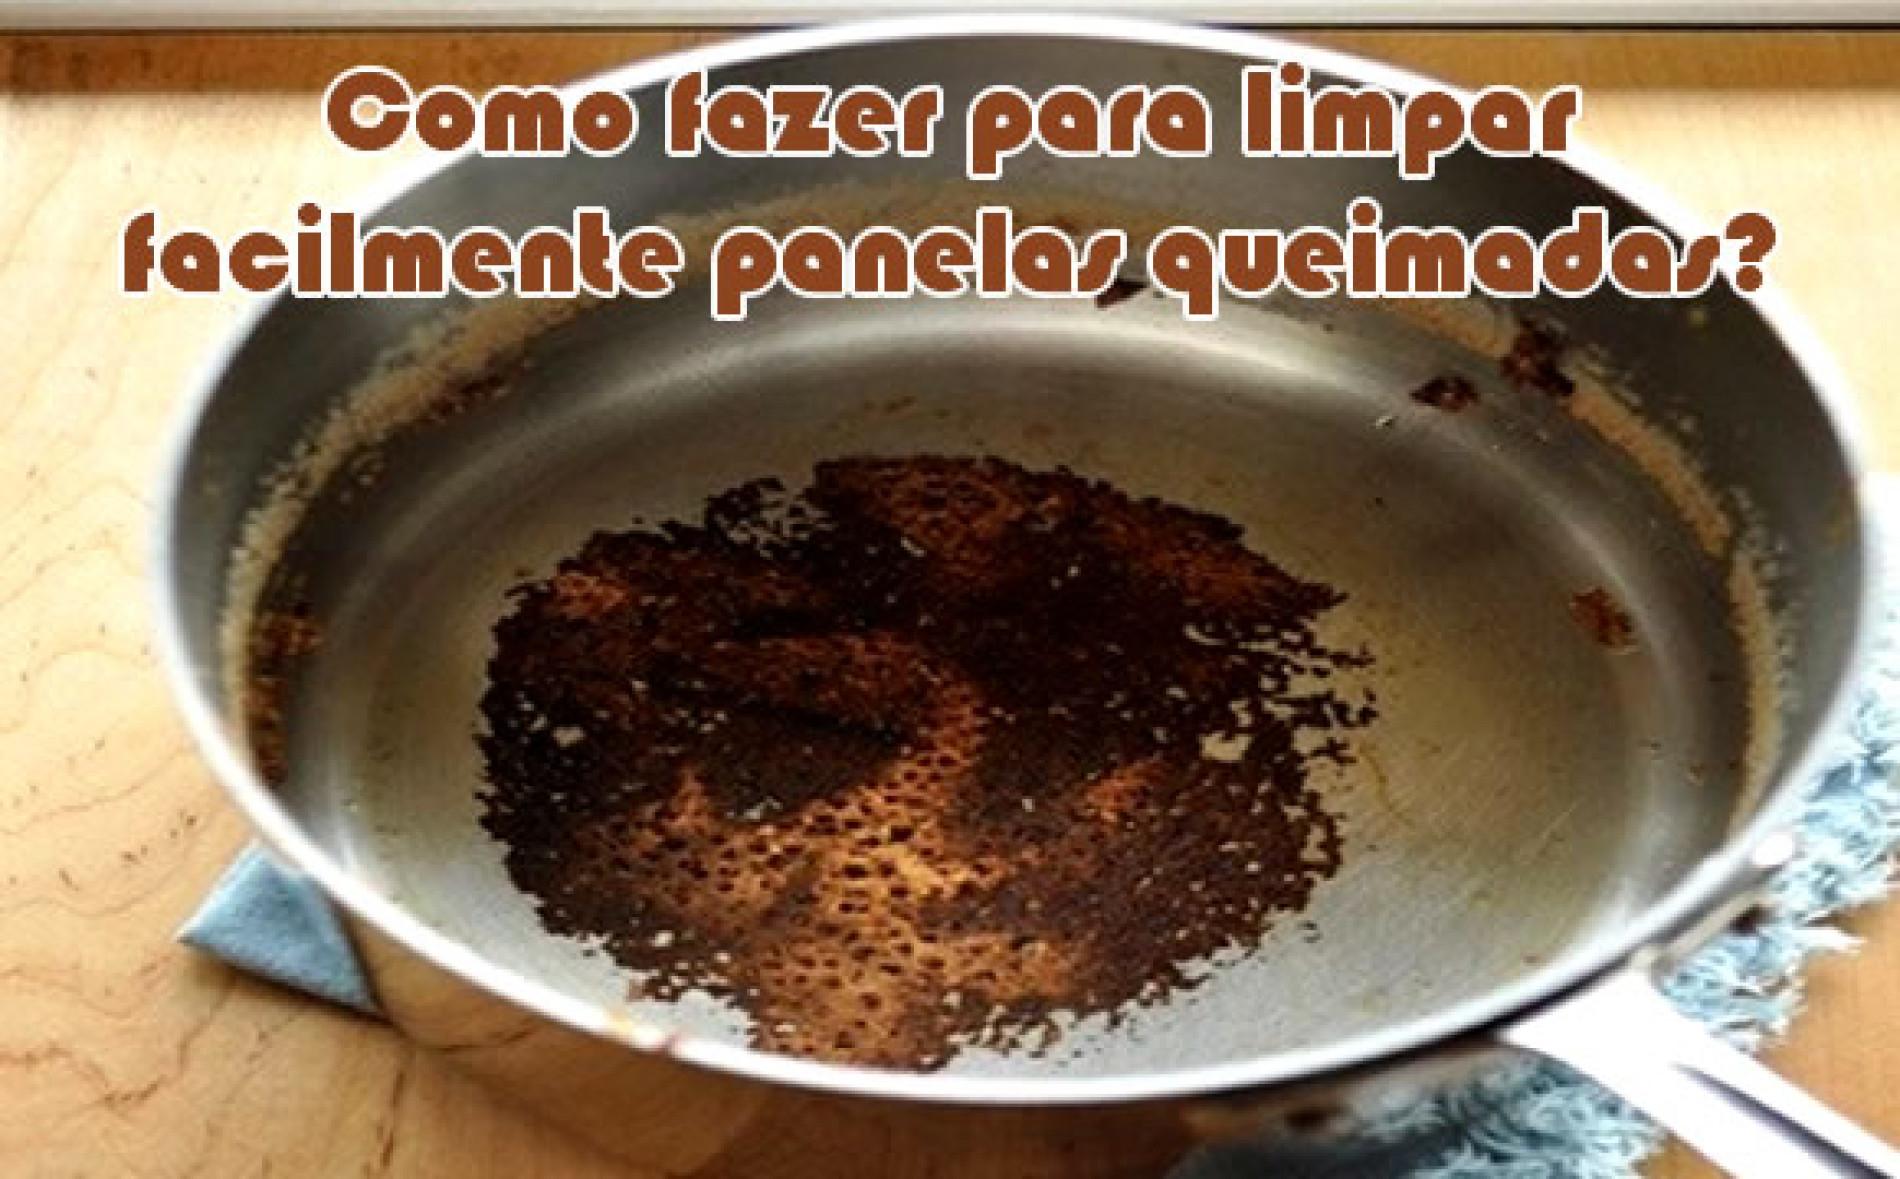 Como limpar uma panela queimada facilmente